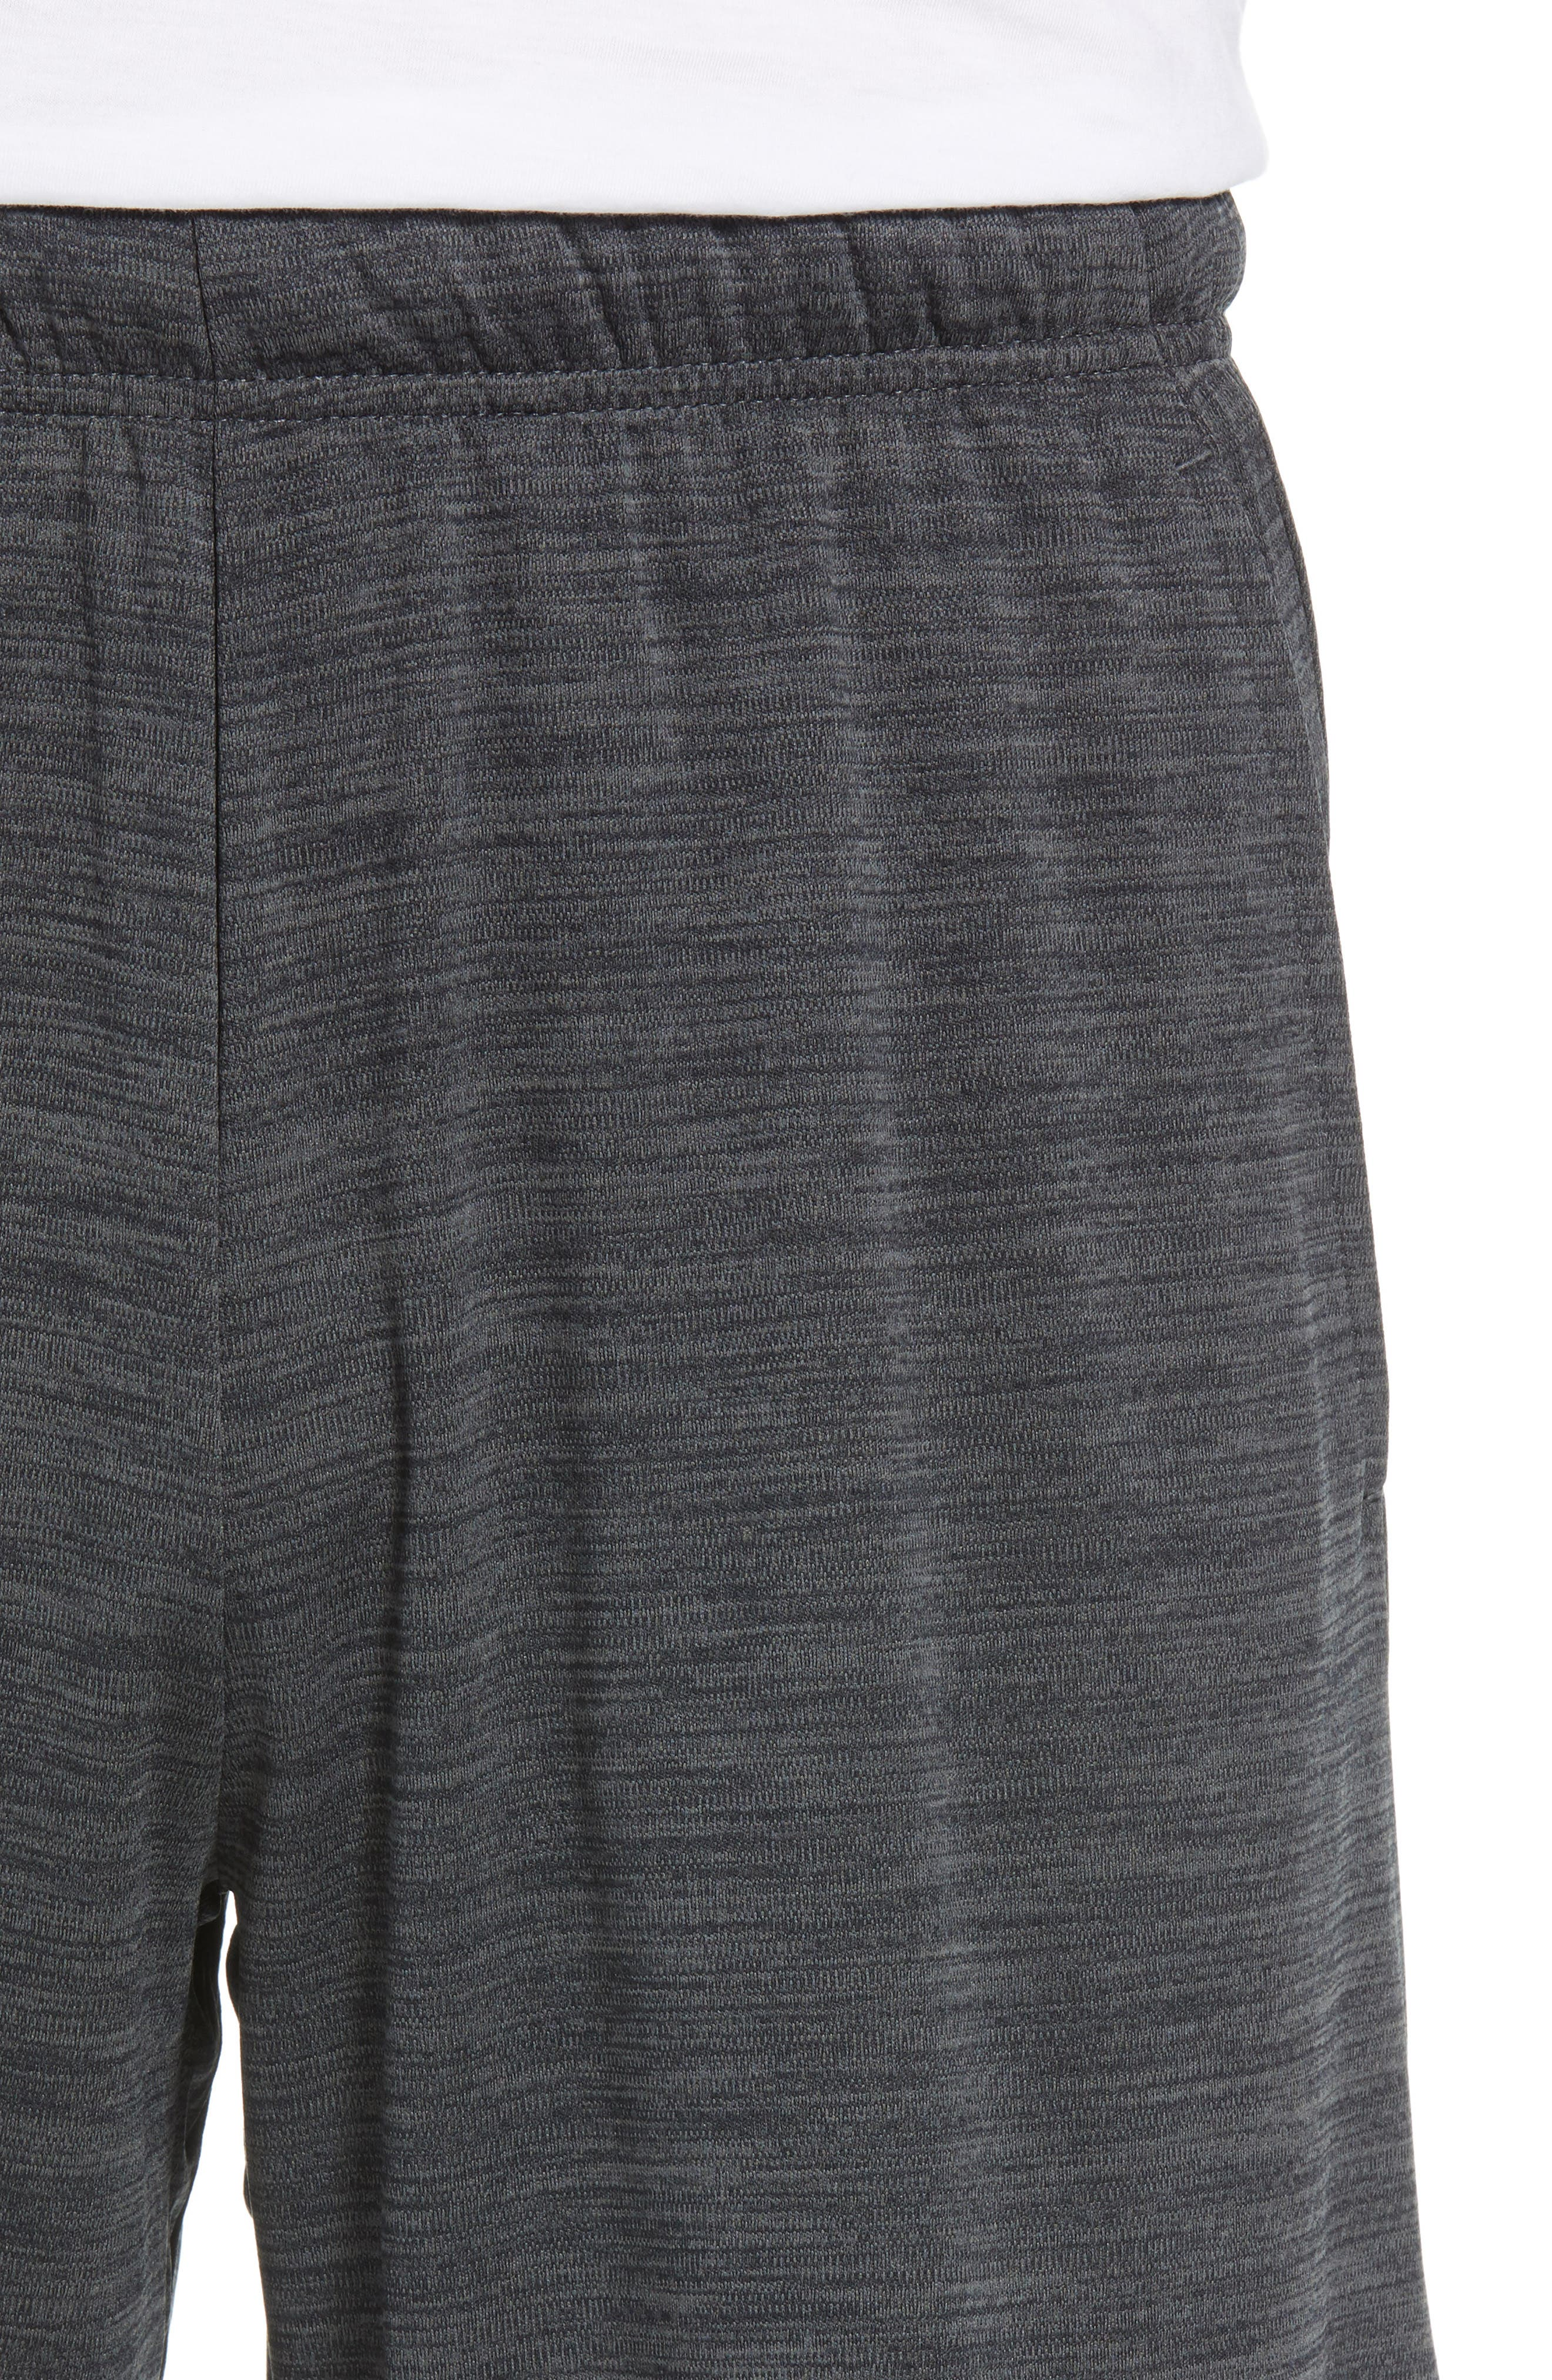 Dry Training Shorts,                             Alternate thumbnail 4, color,                             BLACK